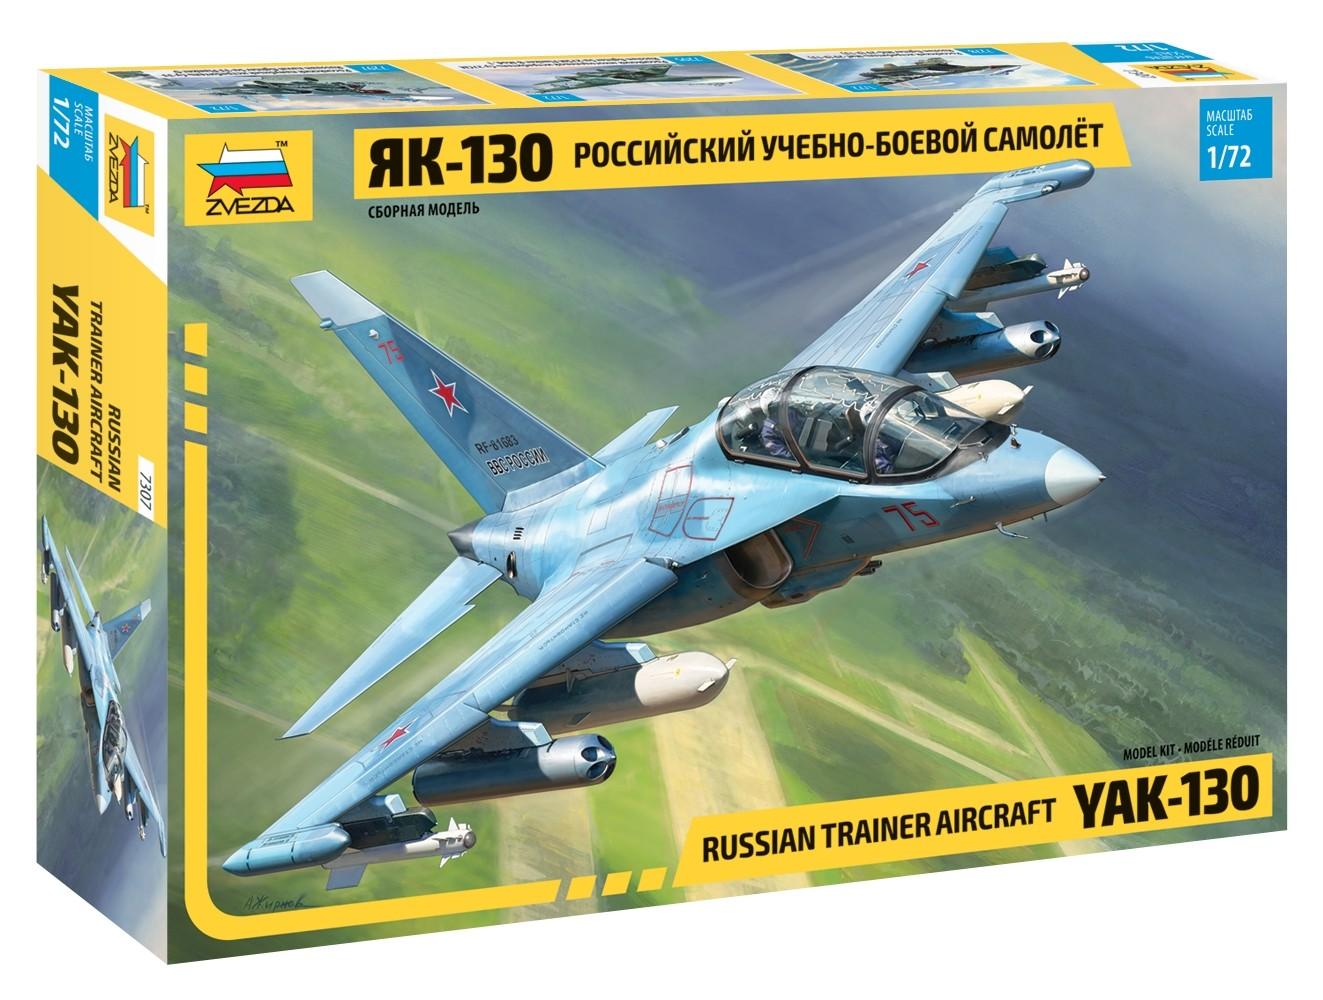 Сборная модель - Российский учебно-боевой самолёт Як-130Модели самолетов для склеивания<br>Сборная модель - Российский учебно-боевой самолёт Як-130<br>